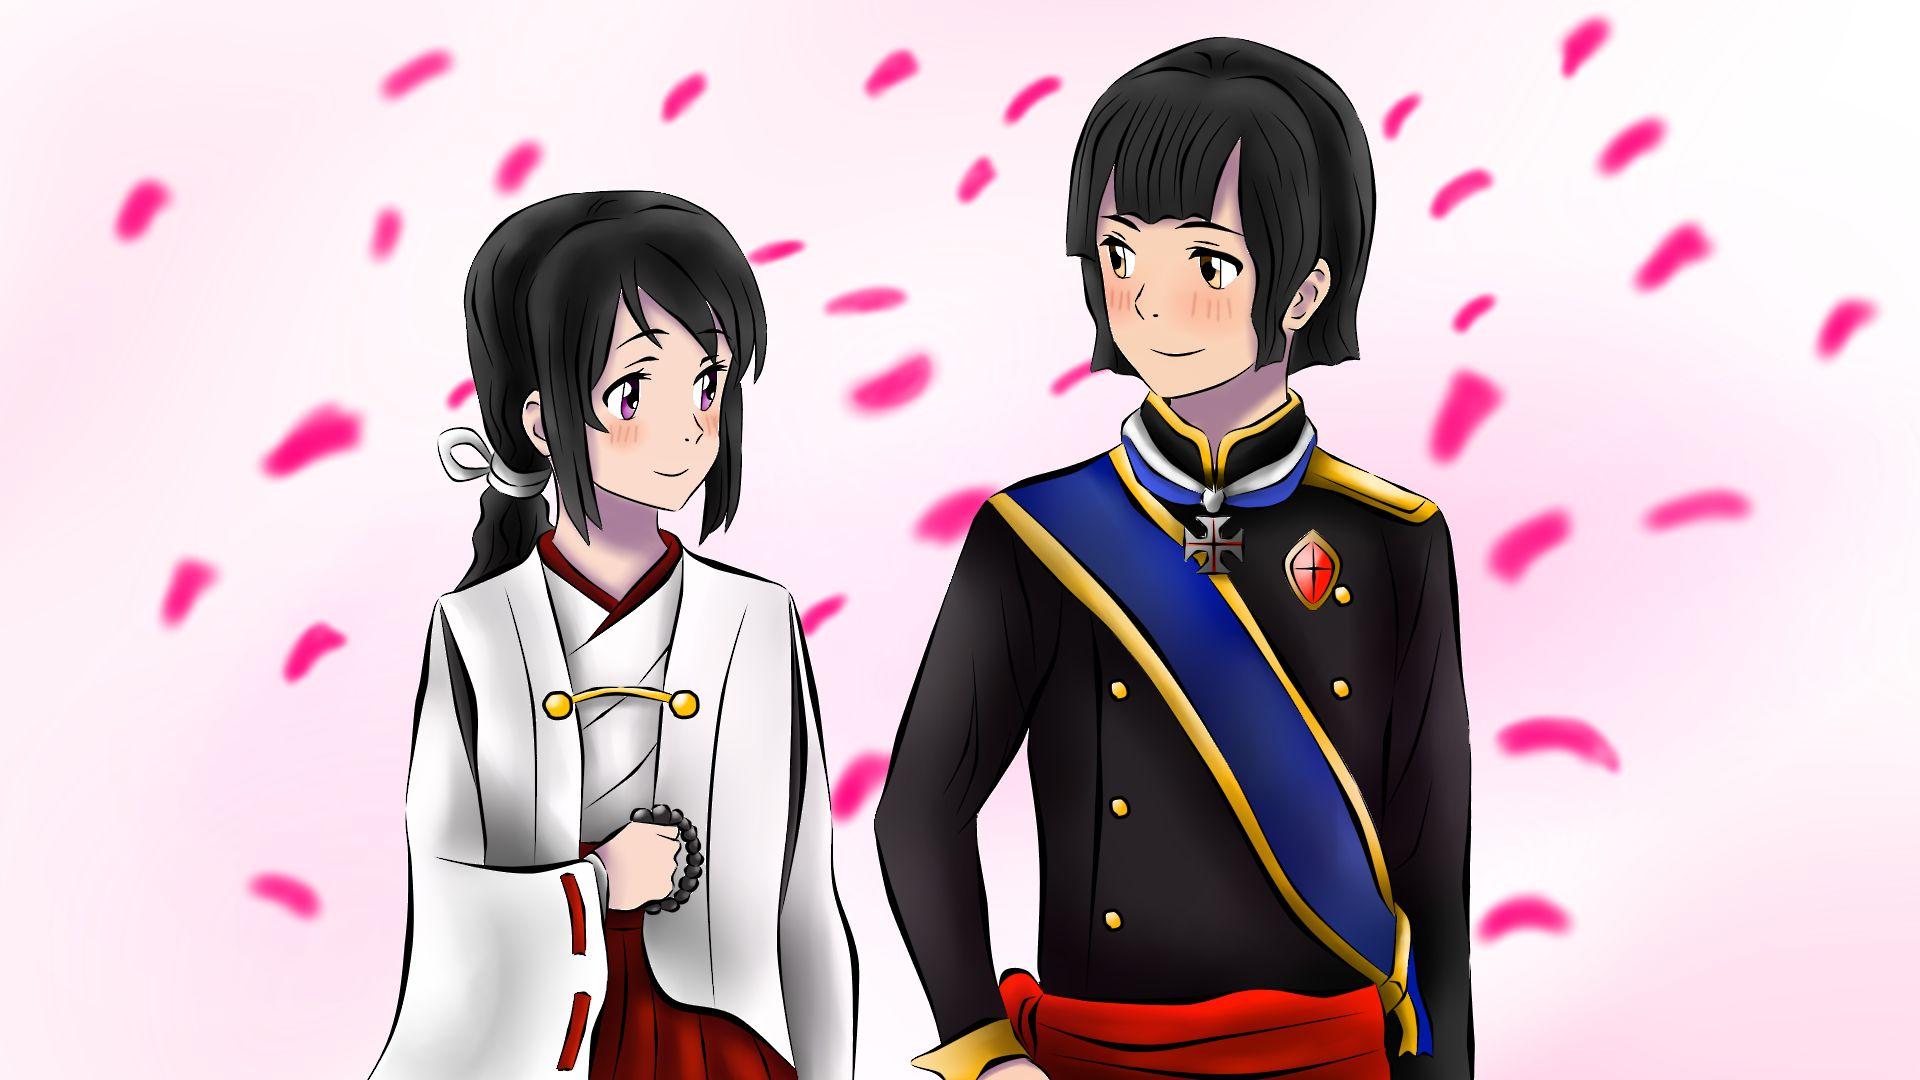 ทาจิบานะ มิตสึโกะ, มิโกะแห่งเทพีอินาริ และ เจ้าชายอาริสึงาวะ โนะ คัตสึโอะ, เจ้าชายประมุขราชสกุลอาริสึงาวะ และนายทหารกรมรักษาพระองค์ยาชิม่า